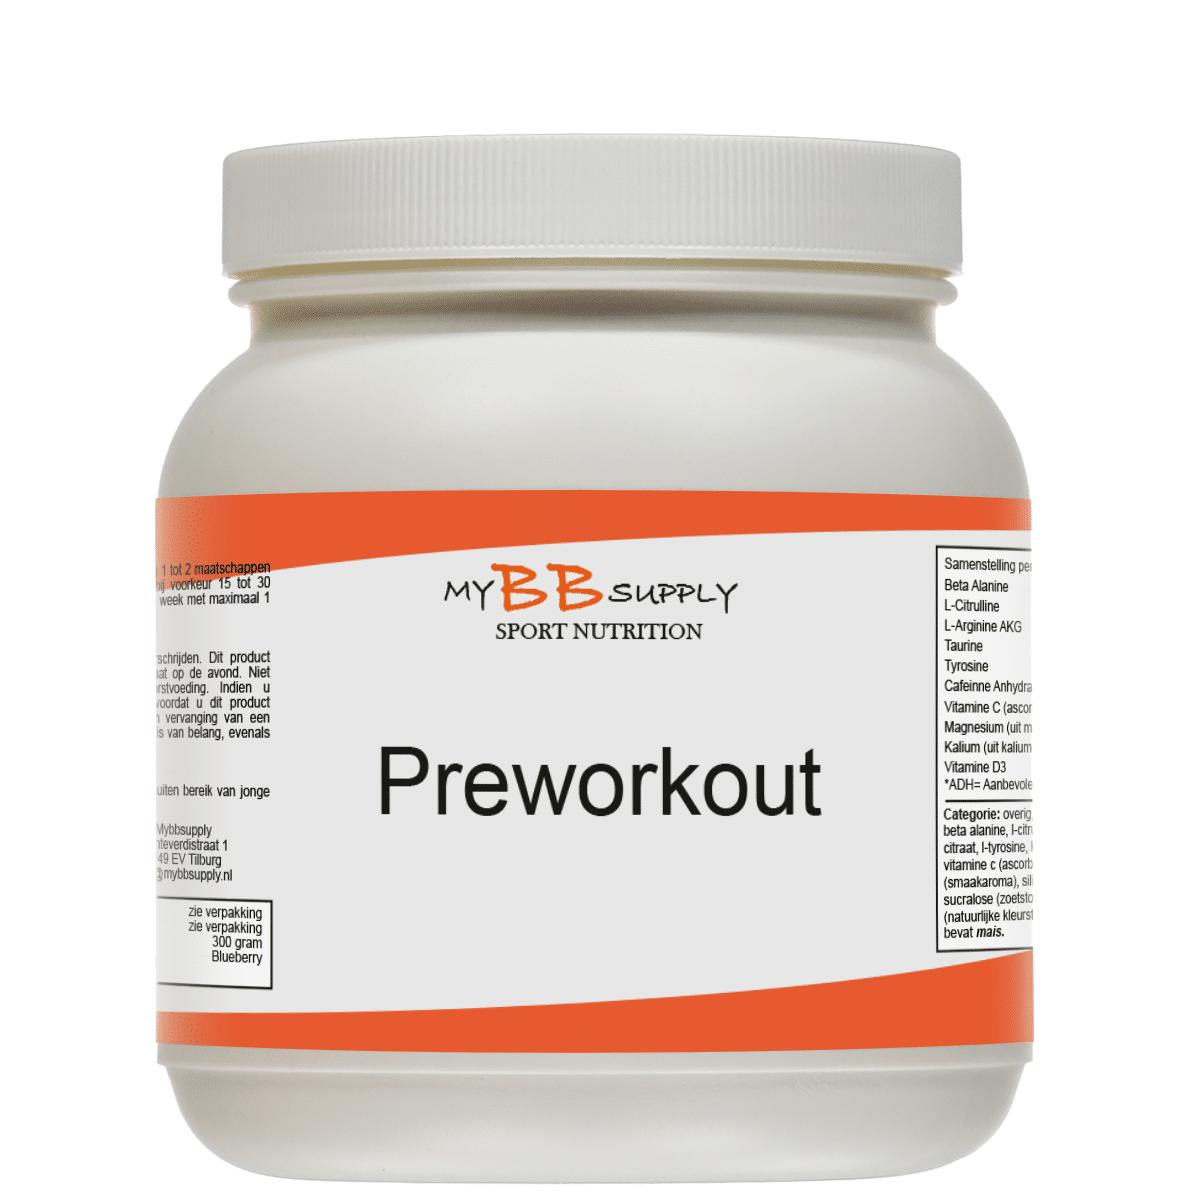 mybbsupply pre workout